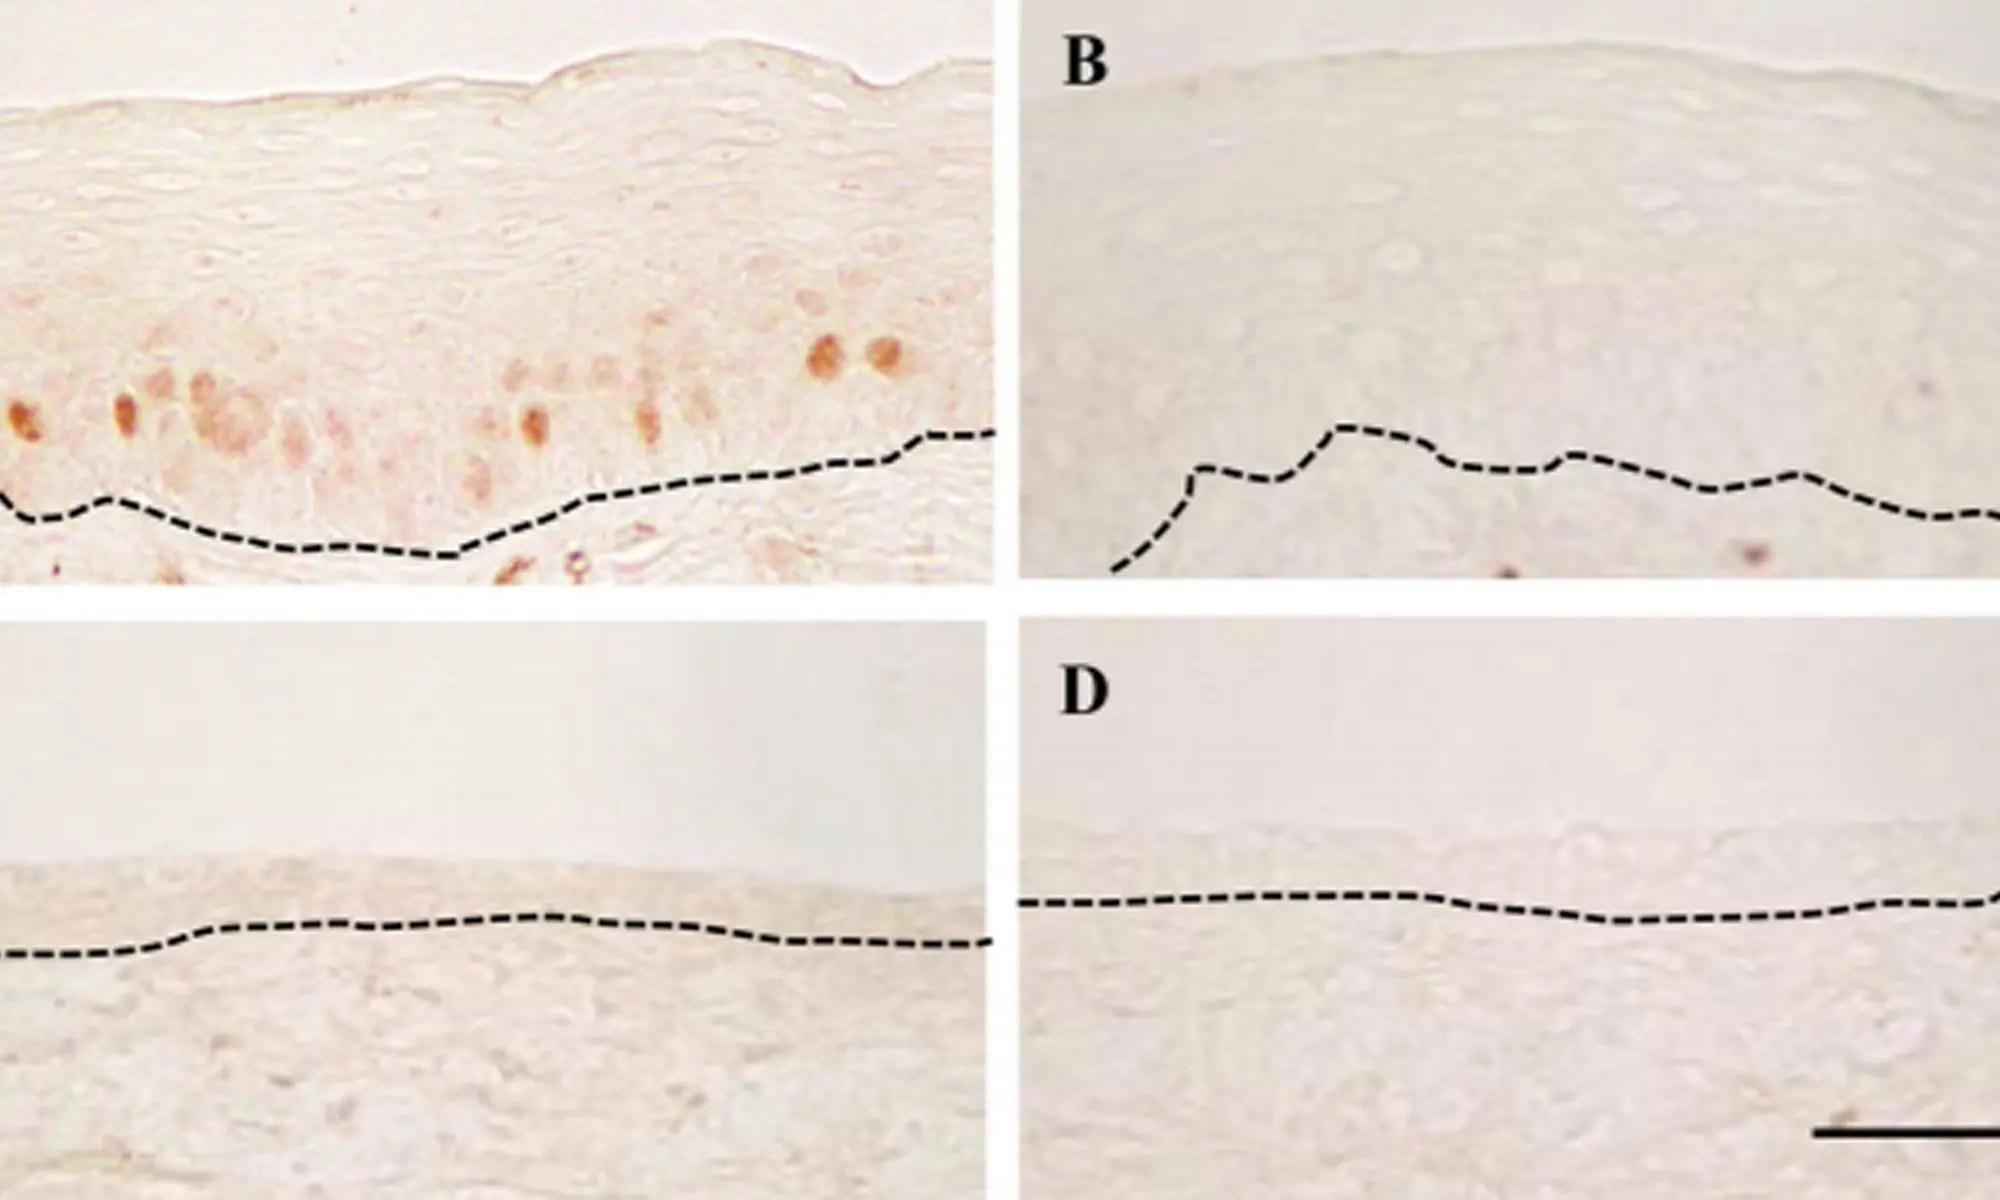 image of p21 altered by neonatal diethylstilbestrol exposure